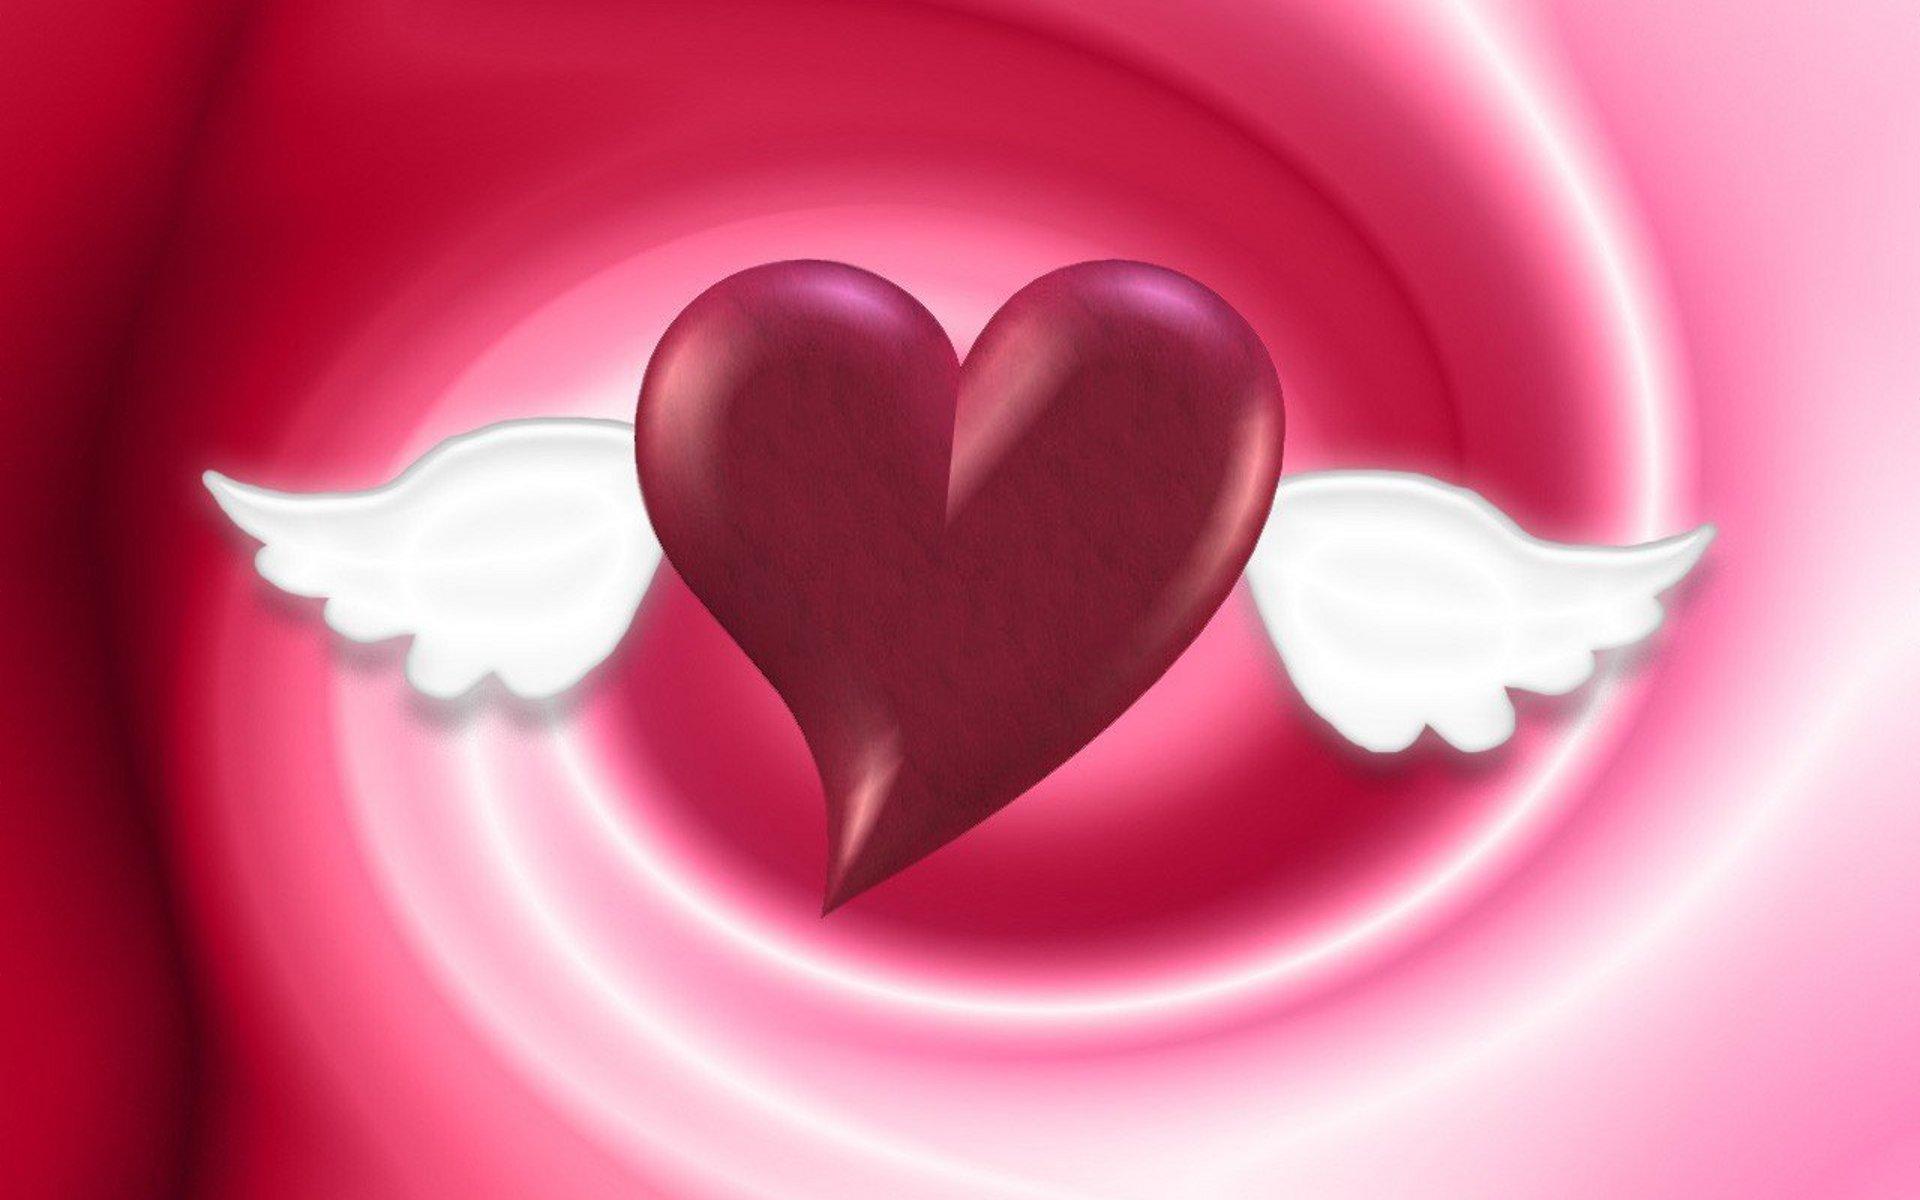 Самодельные открытки, картинки с сердечками и надписями и ангелами